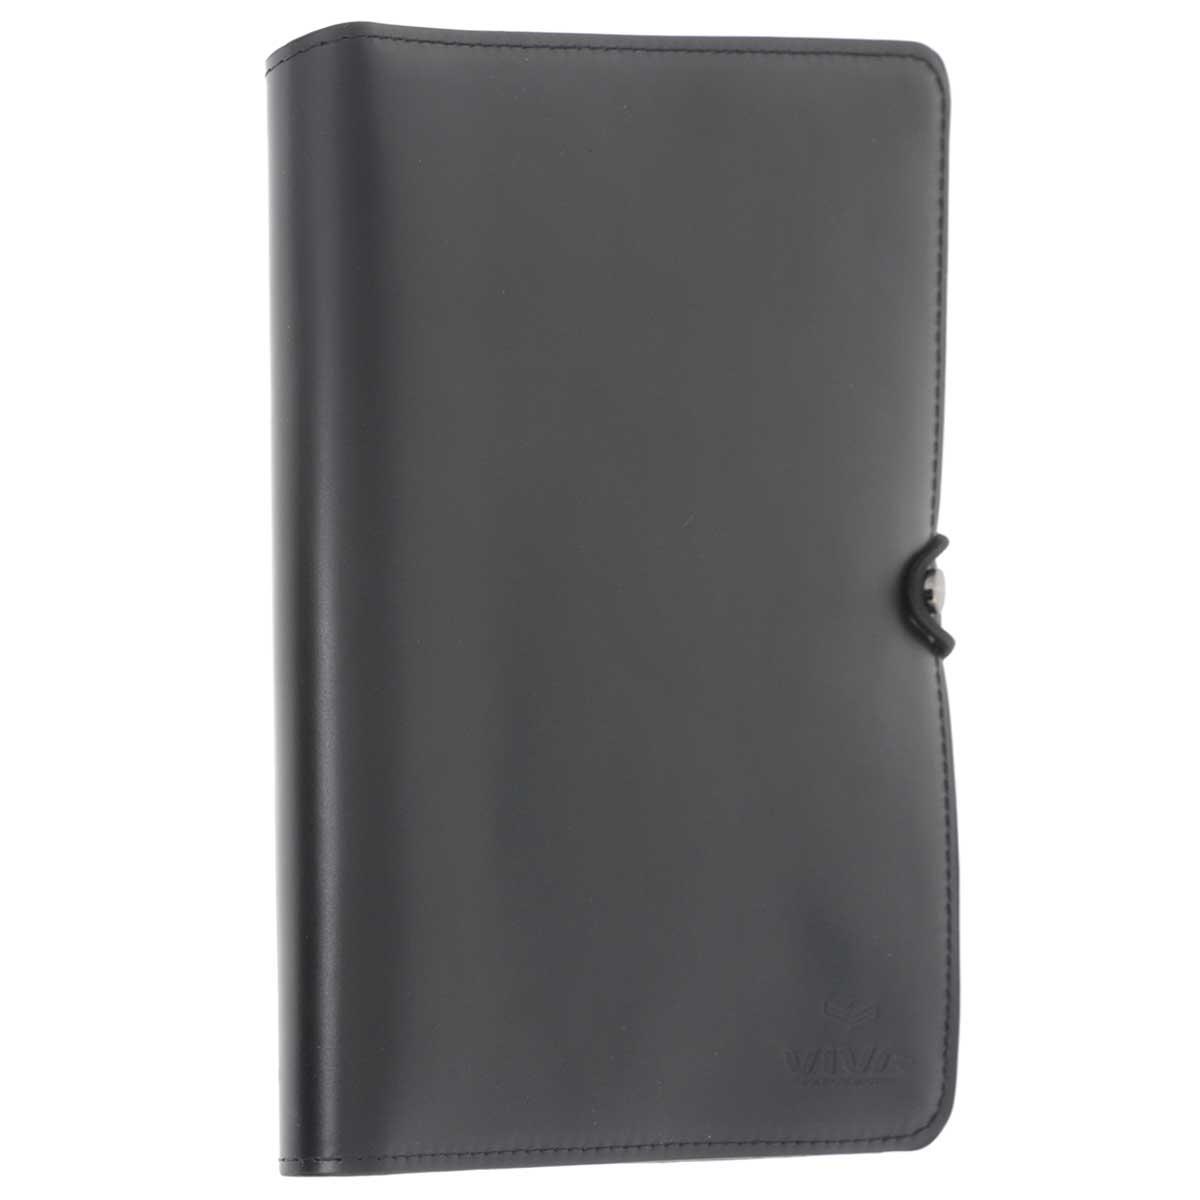 Vivacase Retro чехол для планшетов 10, Black (VUC-CRT10-bl)VUC-CRT10-blVivacase Retro - универсальный чехол, который предназначен для защиты вашего устройства от механических повреждений и влаги. Крепление позволяет надежно зафиксировать девайс.